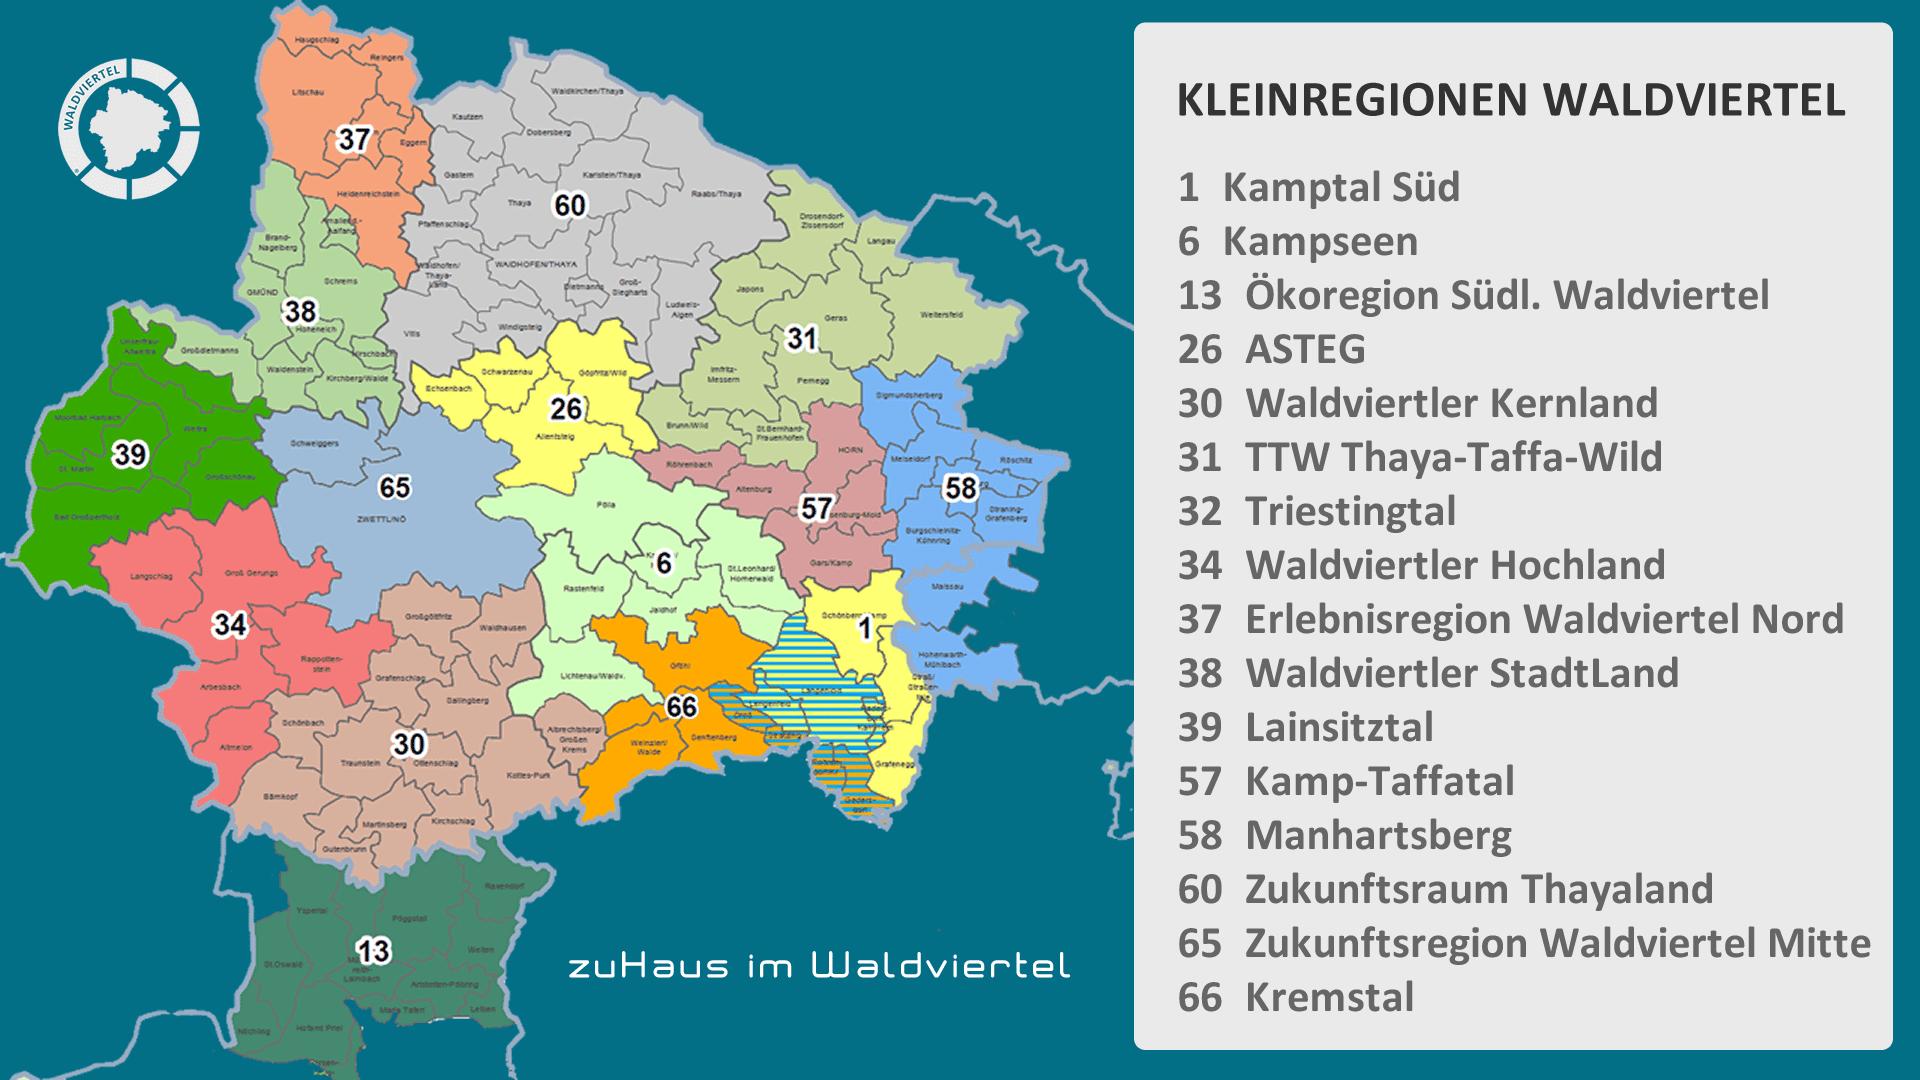 kleinregionen waldviertel karte